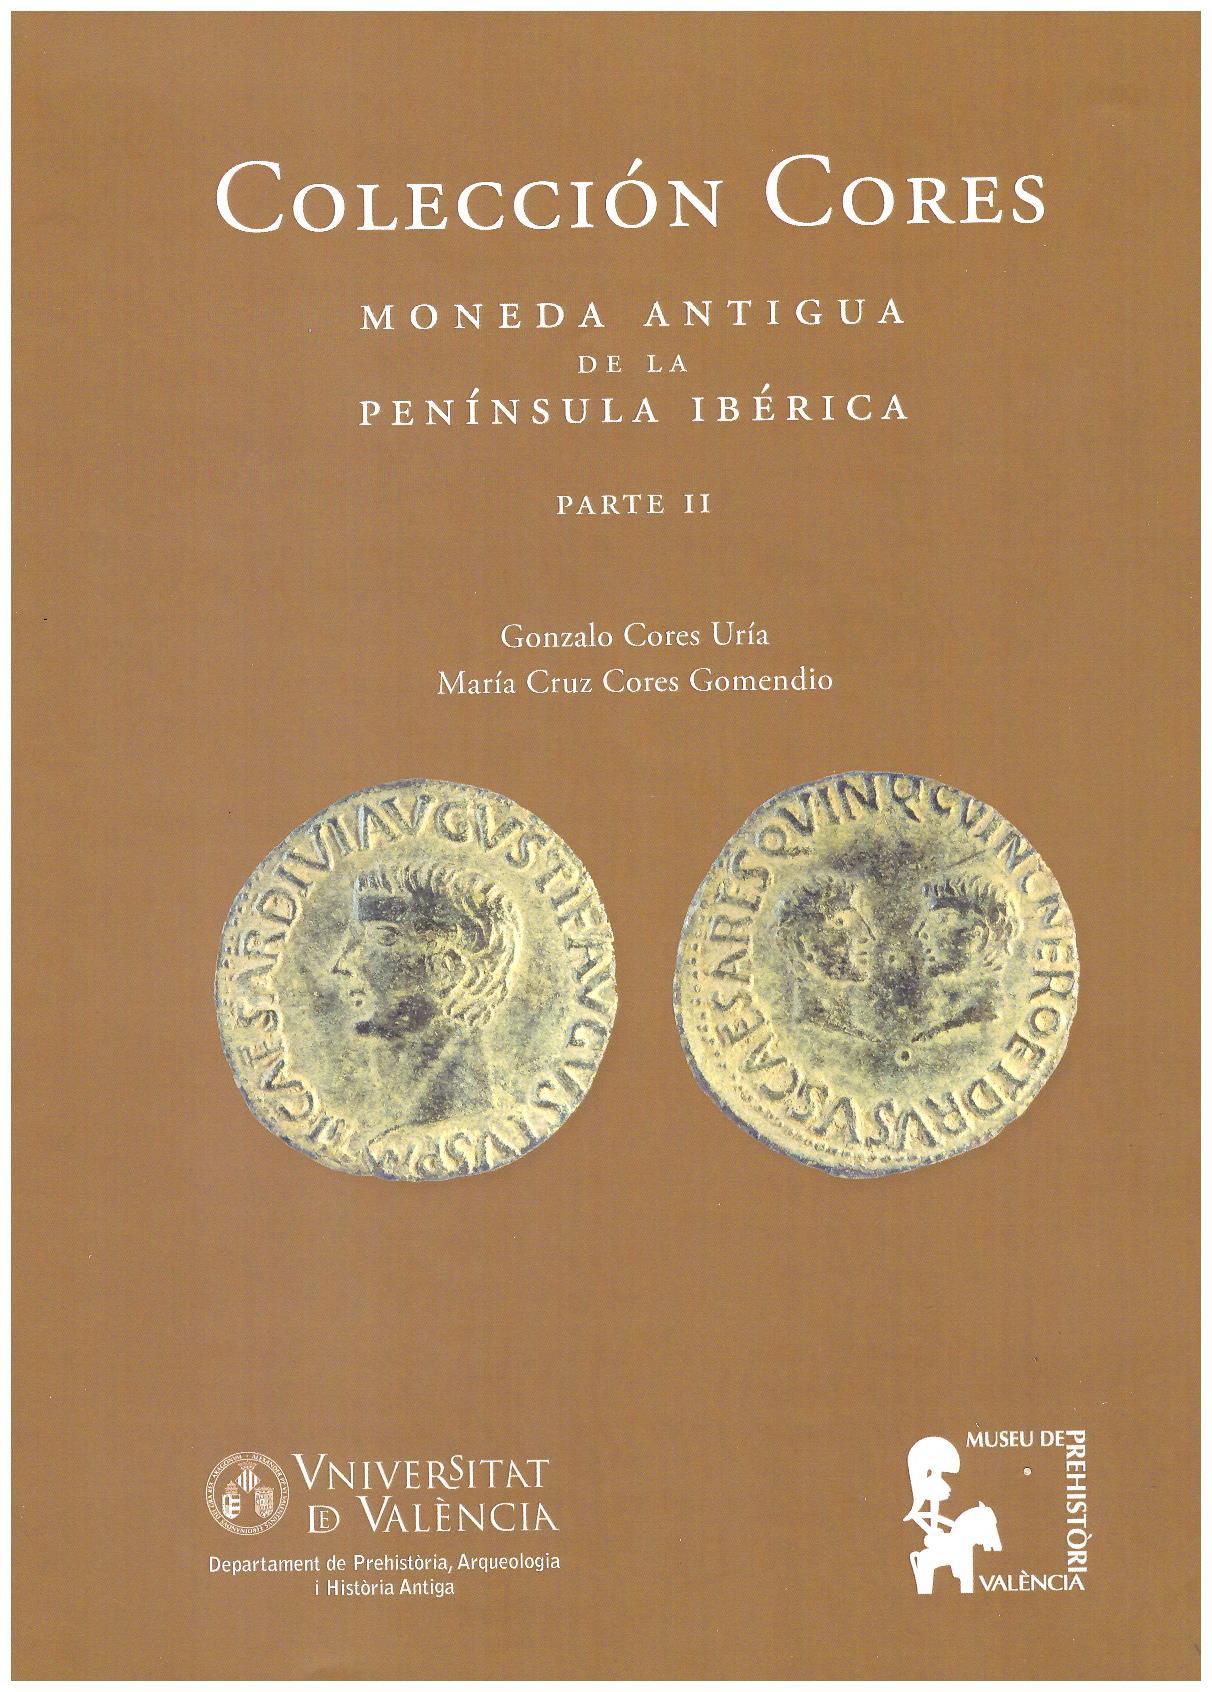 Libro de moneda antigua de la colección Cores 15605210